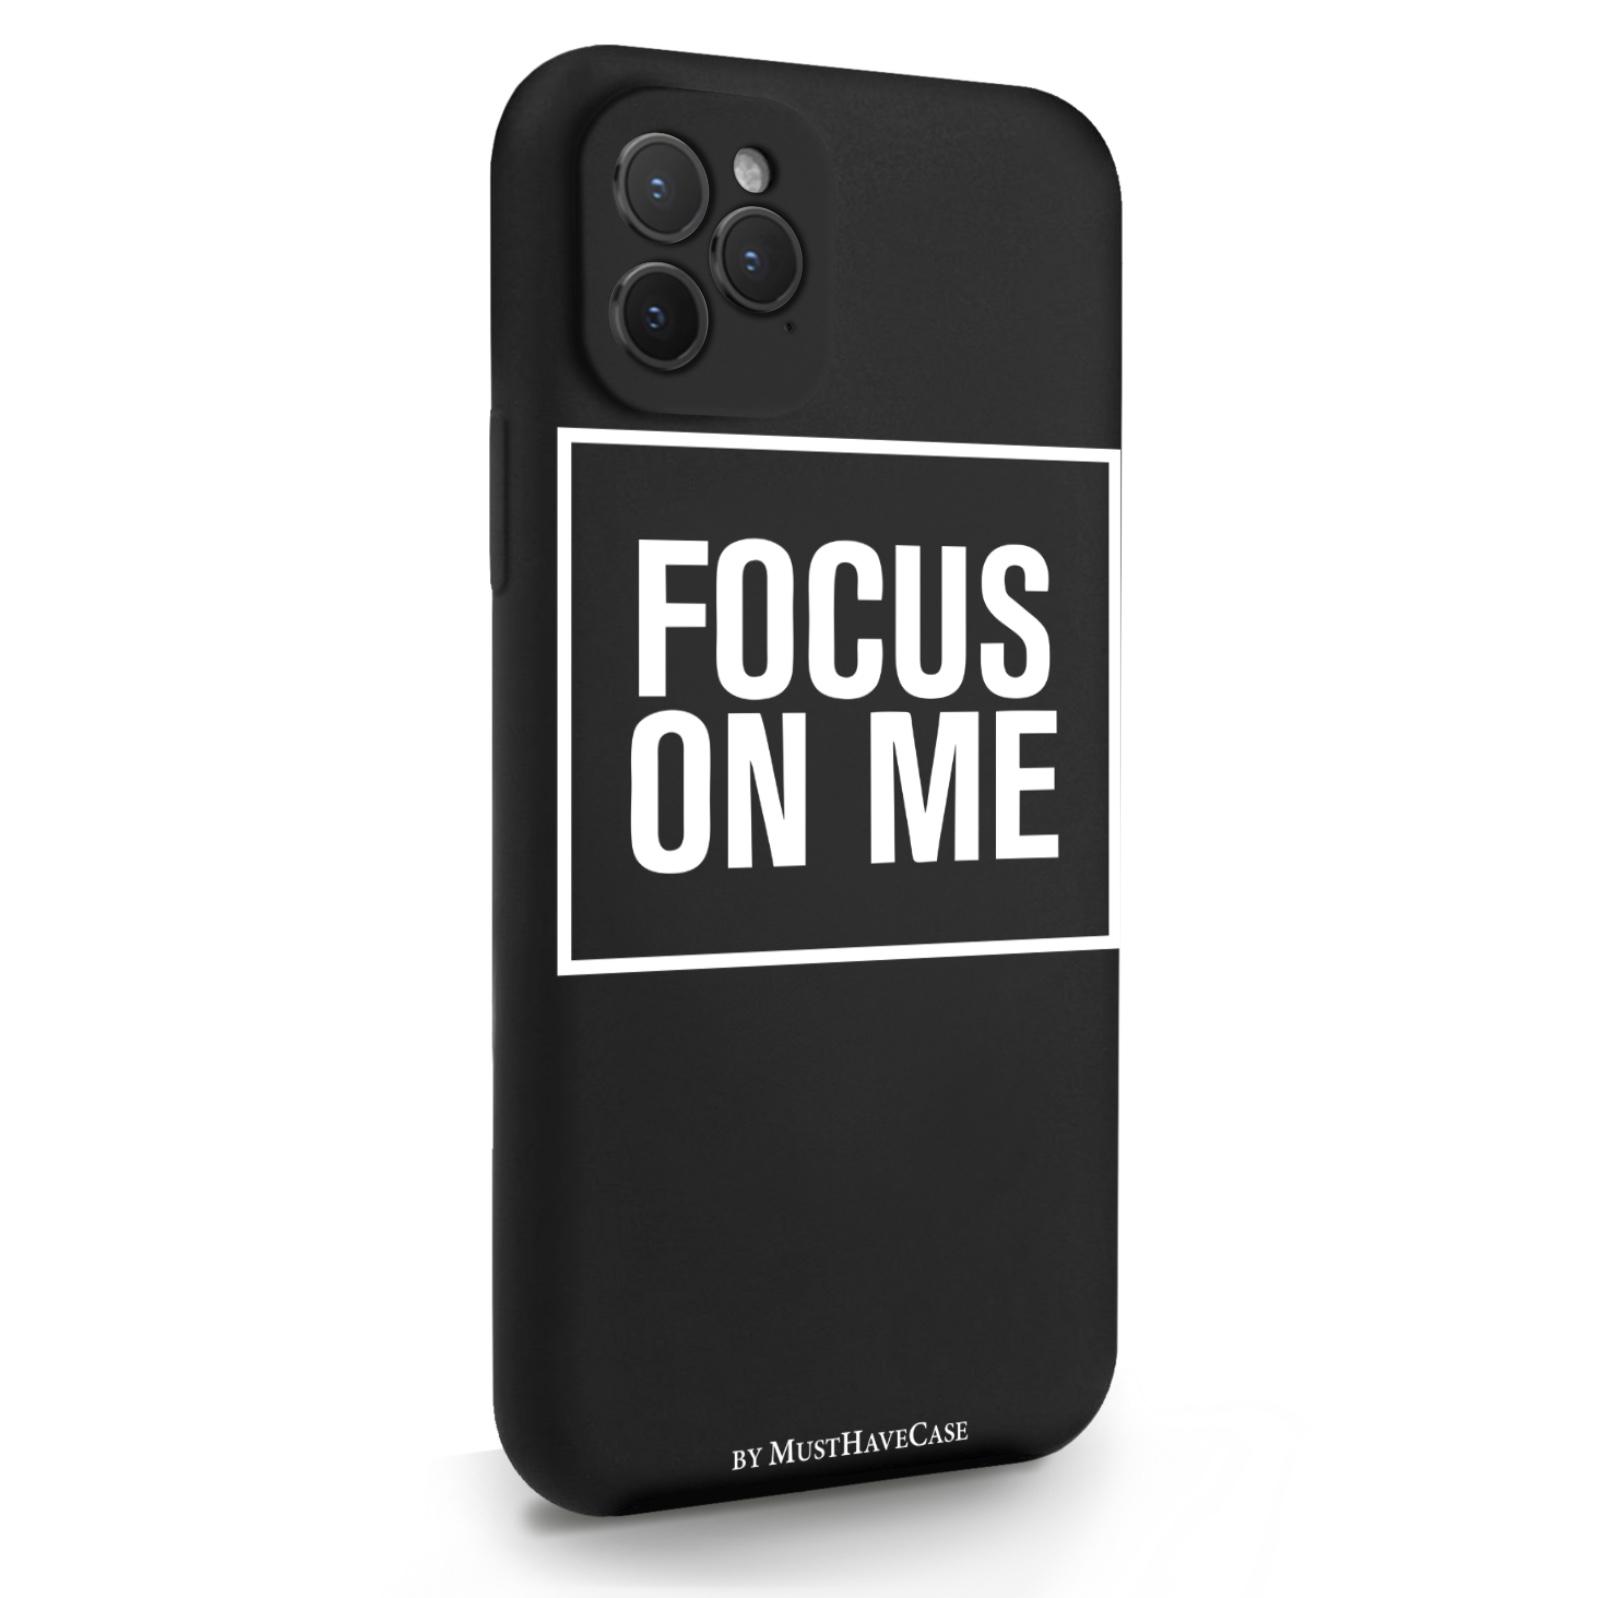 Черный силиконовый чехол для iPhone 11 Pro Focus on me для Айфон 11 Про